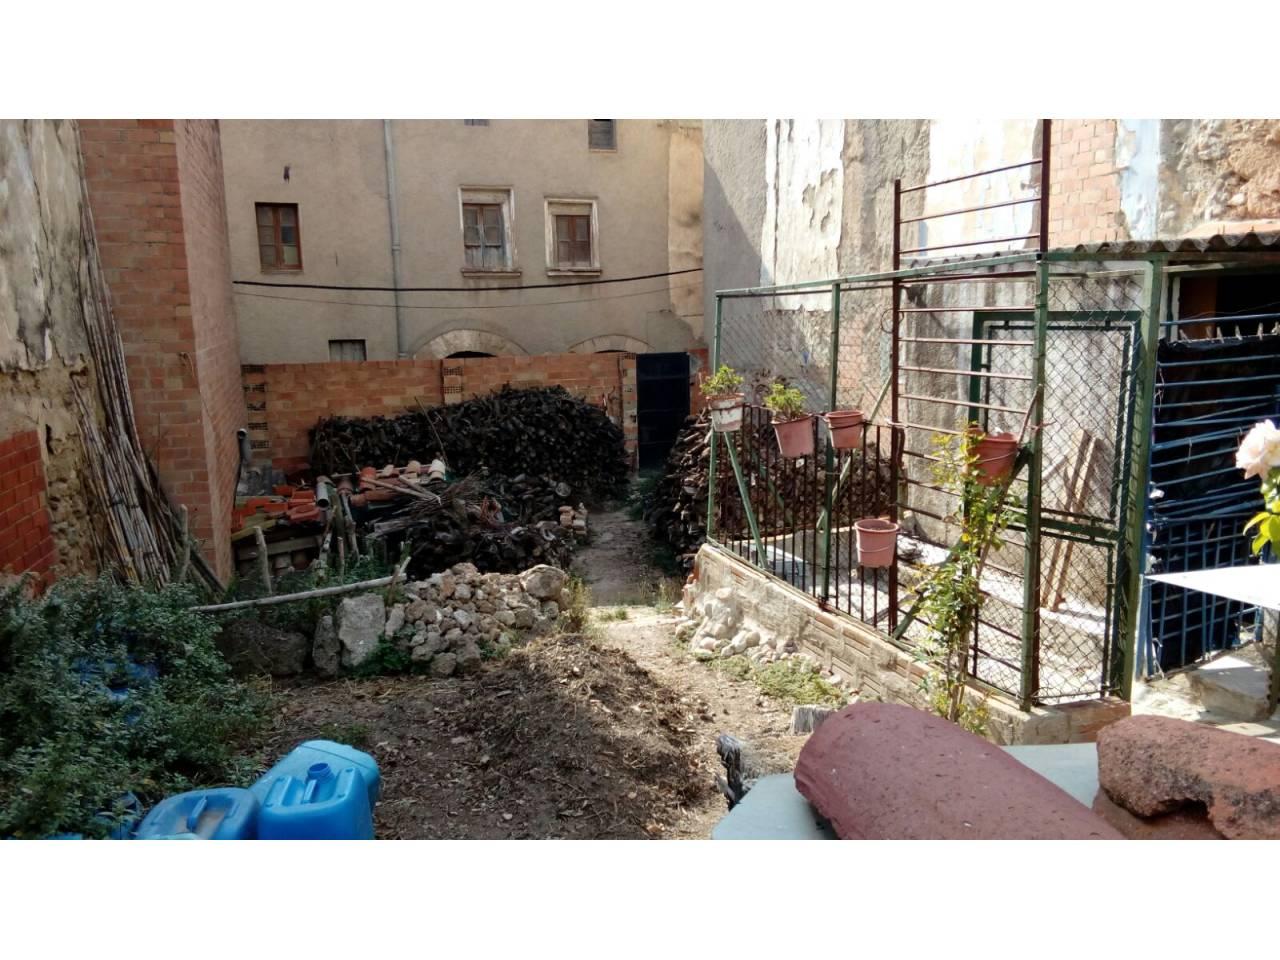 Solar urbano  Calle del baix. Solar en venta en el centro de sant quintí de mediona, junto al